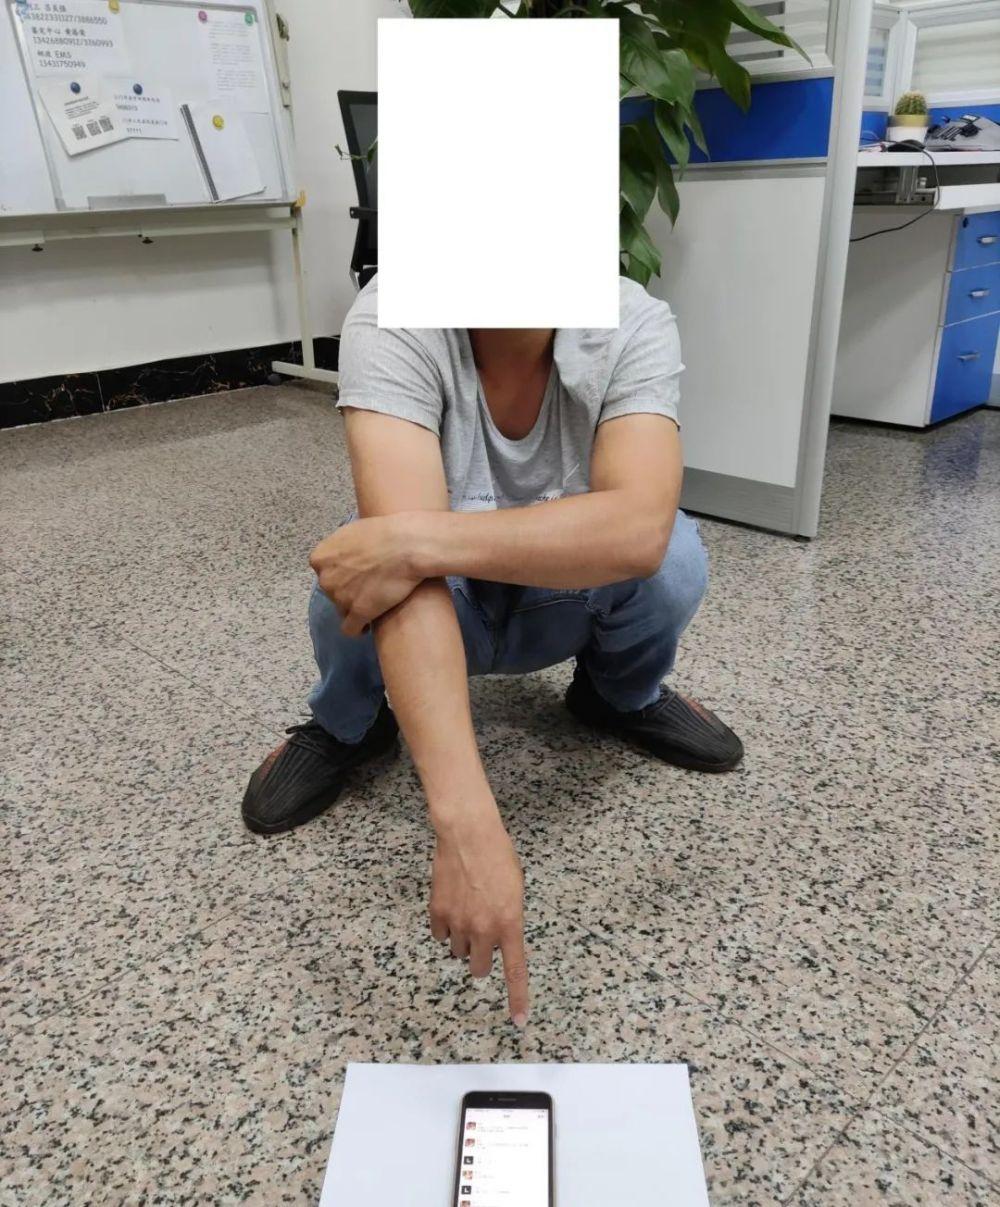 亮剑!又一网民侮辱袁隆平等院士被拘 2天已有7地警方通报